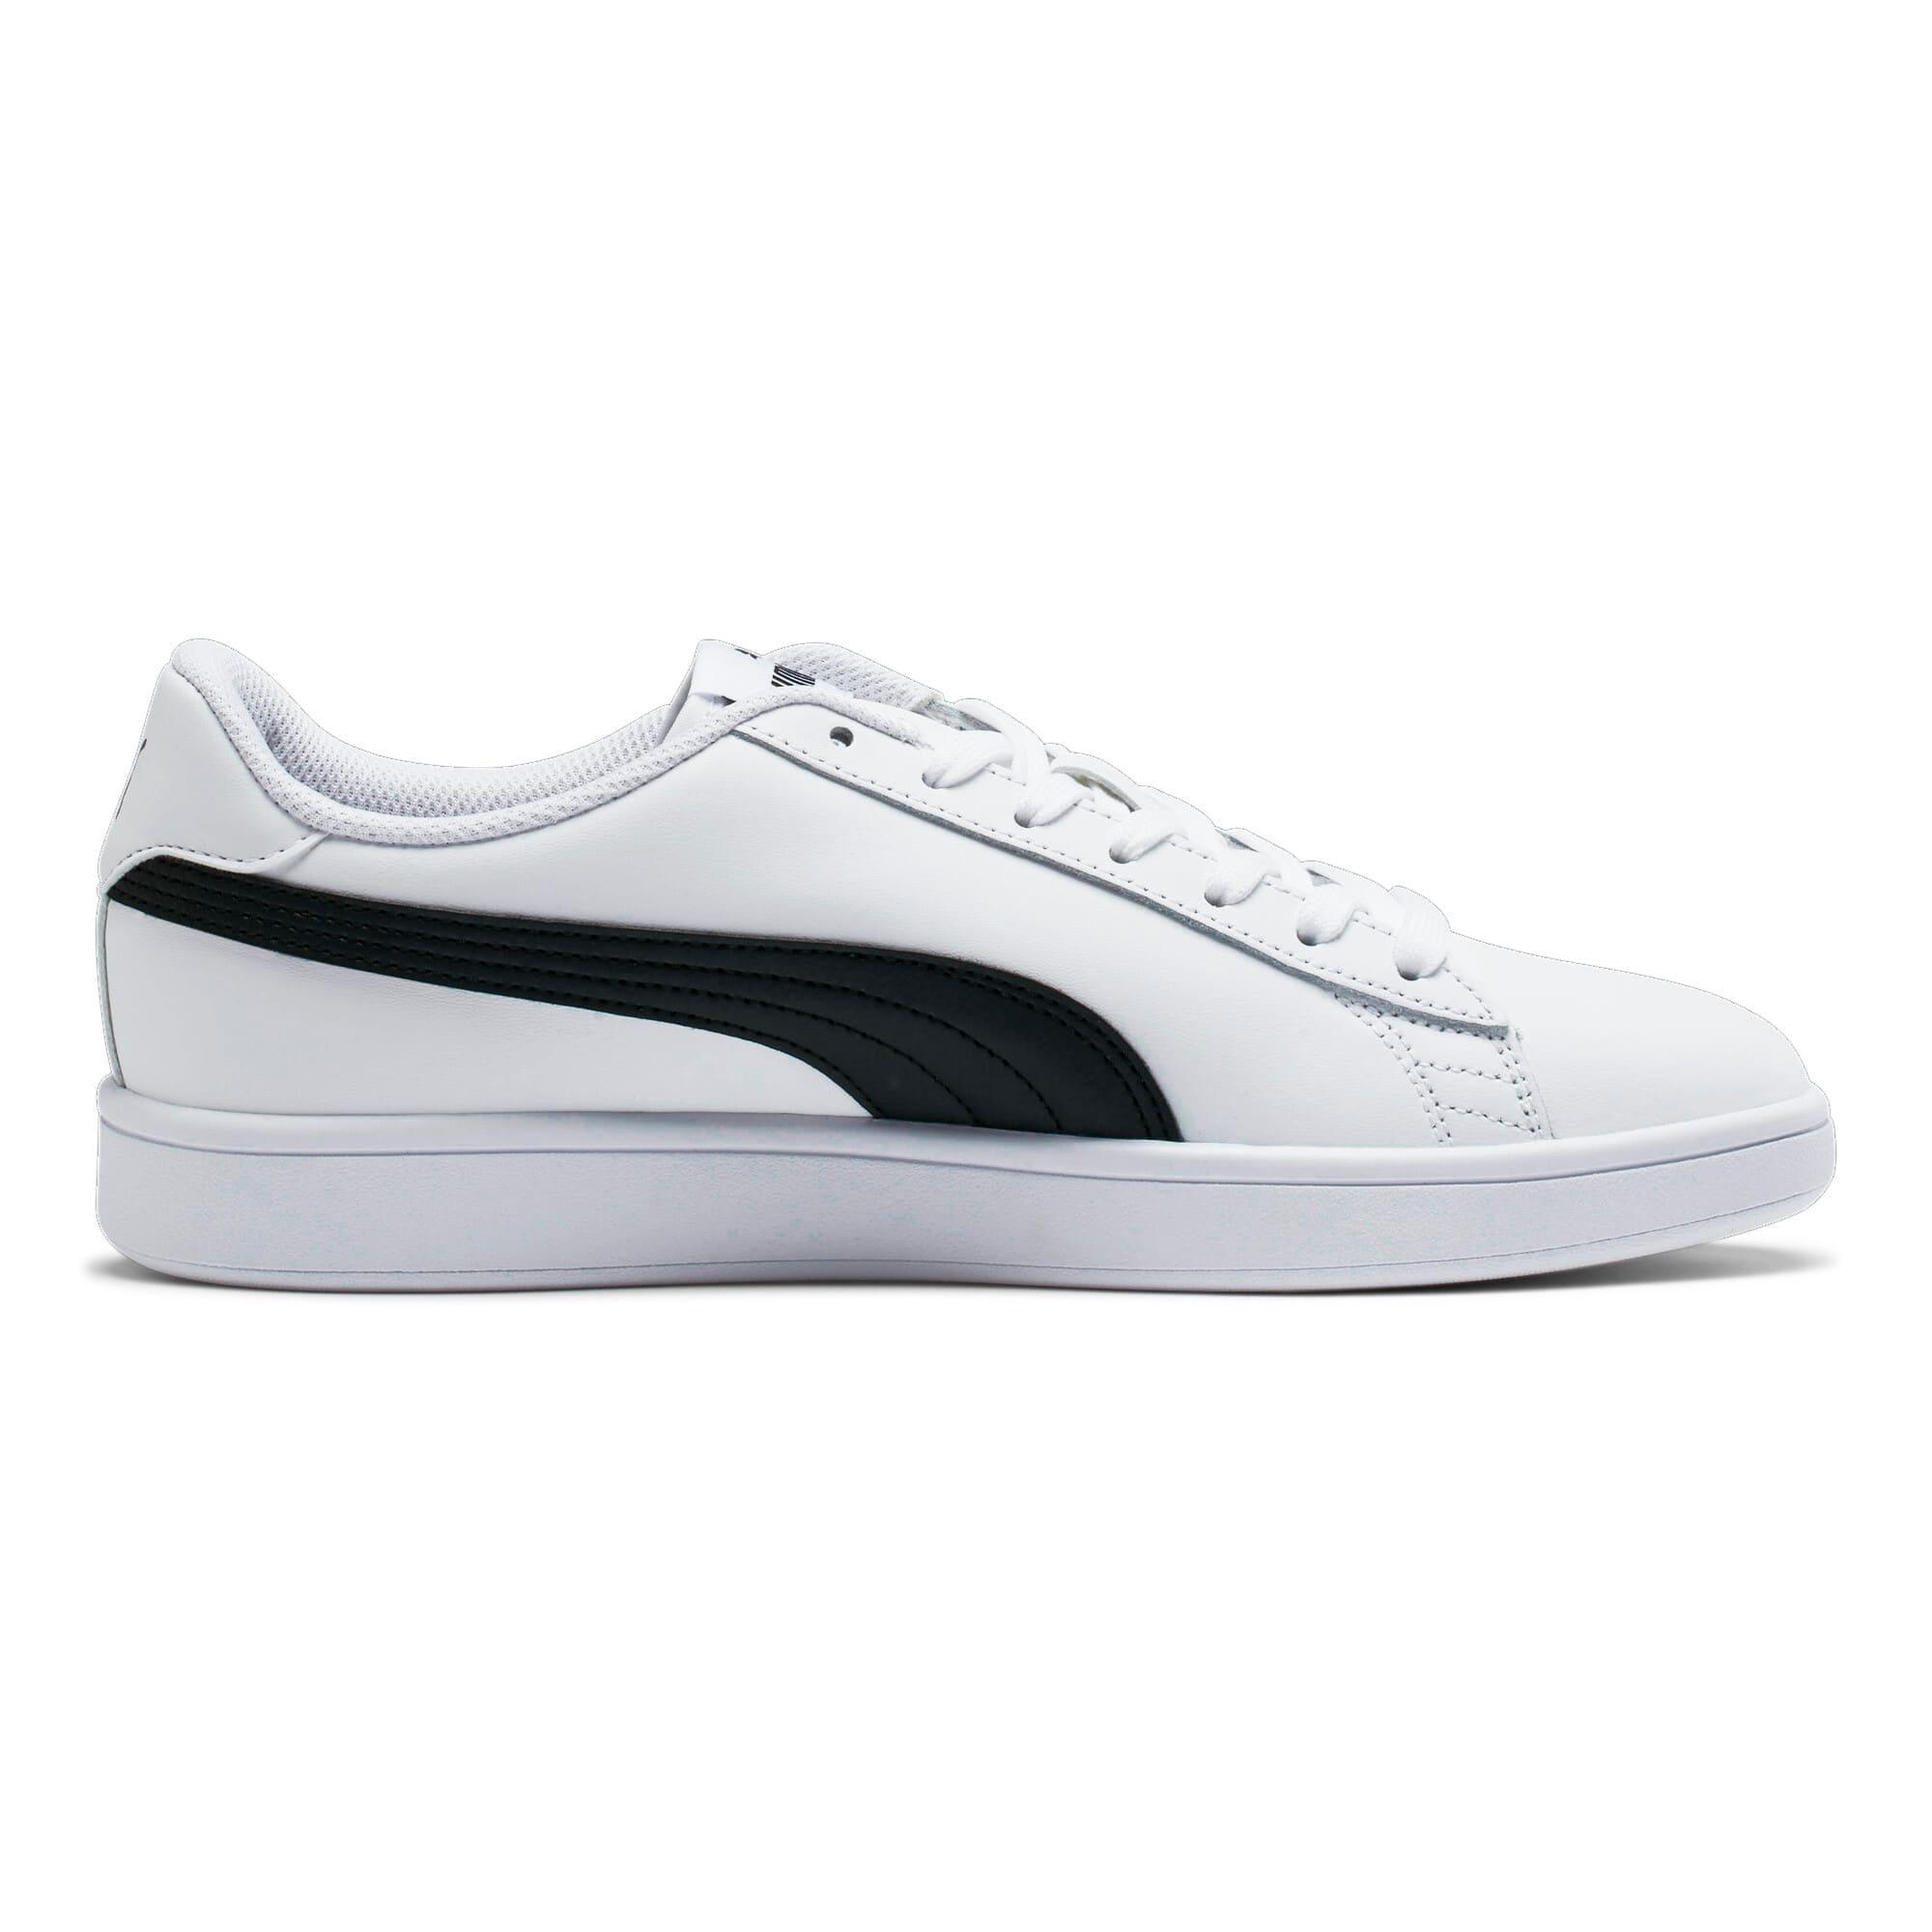 Thumbnail 5 of PUMA Smash v2 Sneakers, Puma White-Puma Black, medium